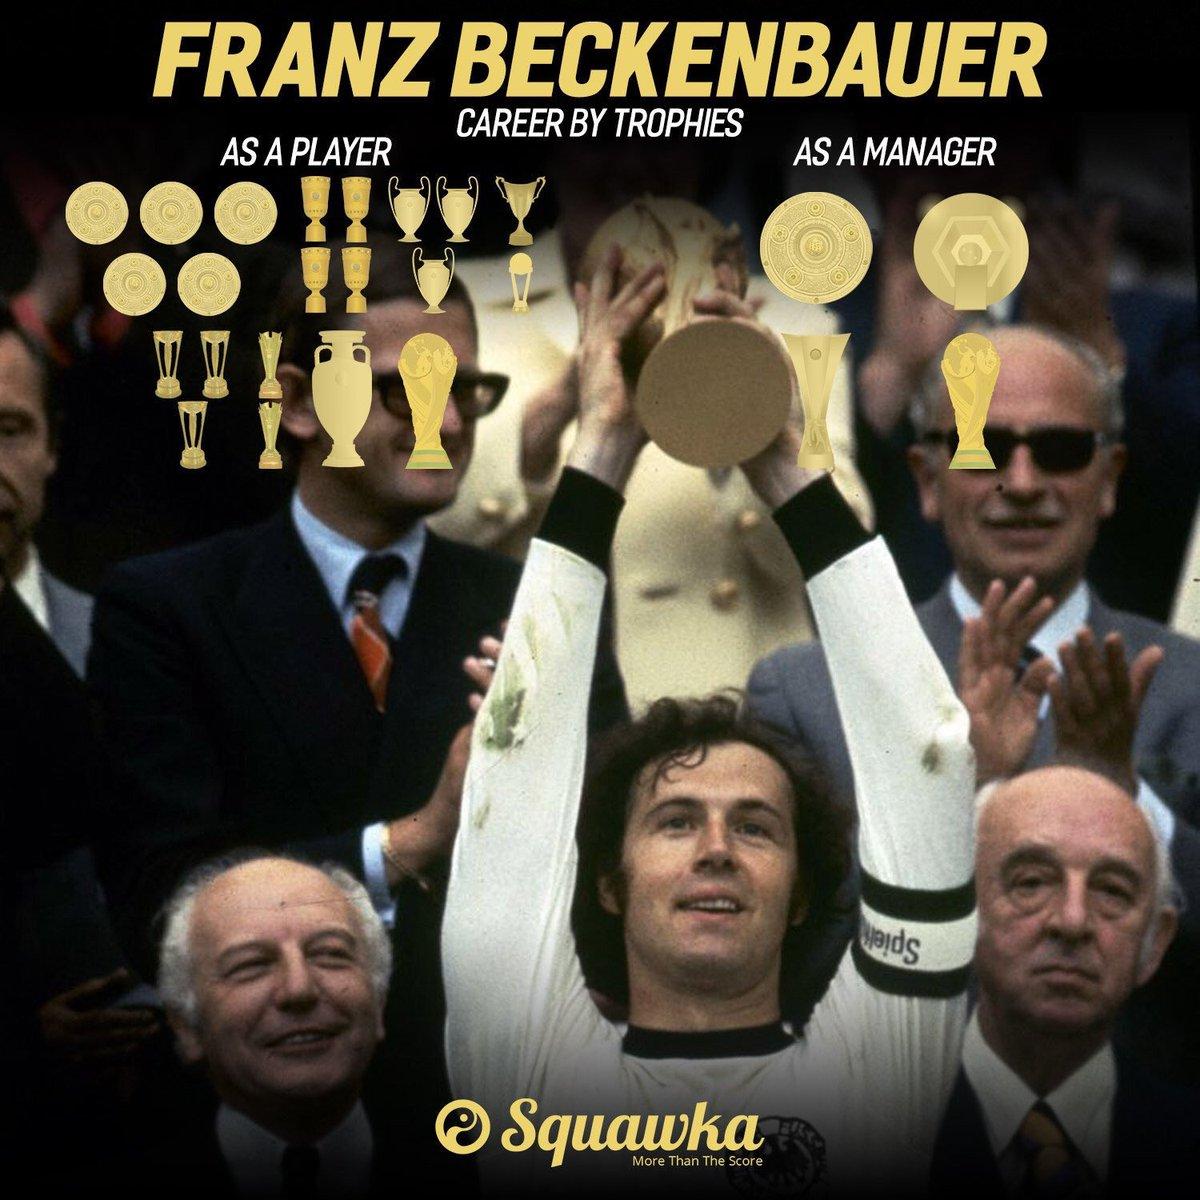 做队员和教练都拿过世界杯,贝肯鲍尔74岁生日喜悦!